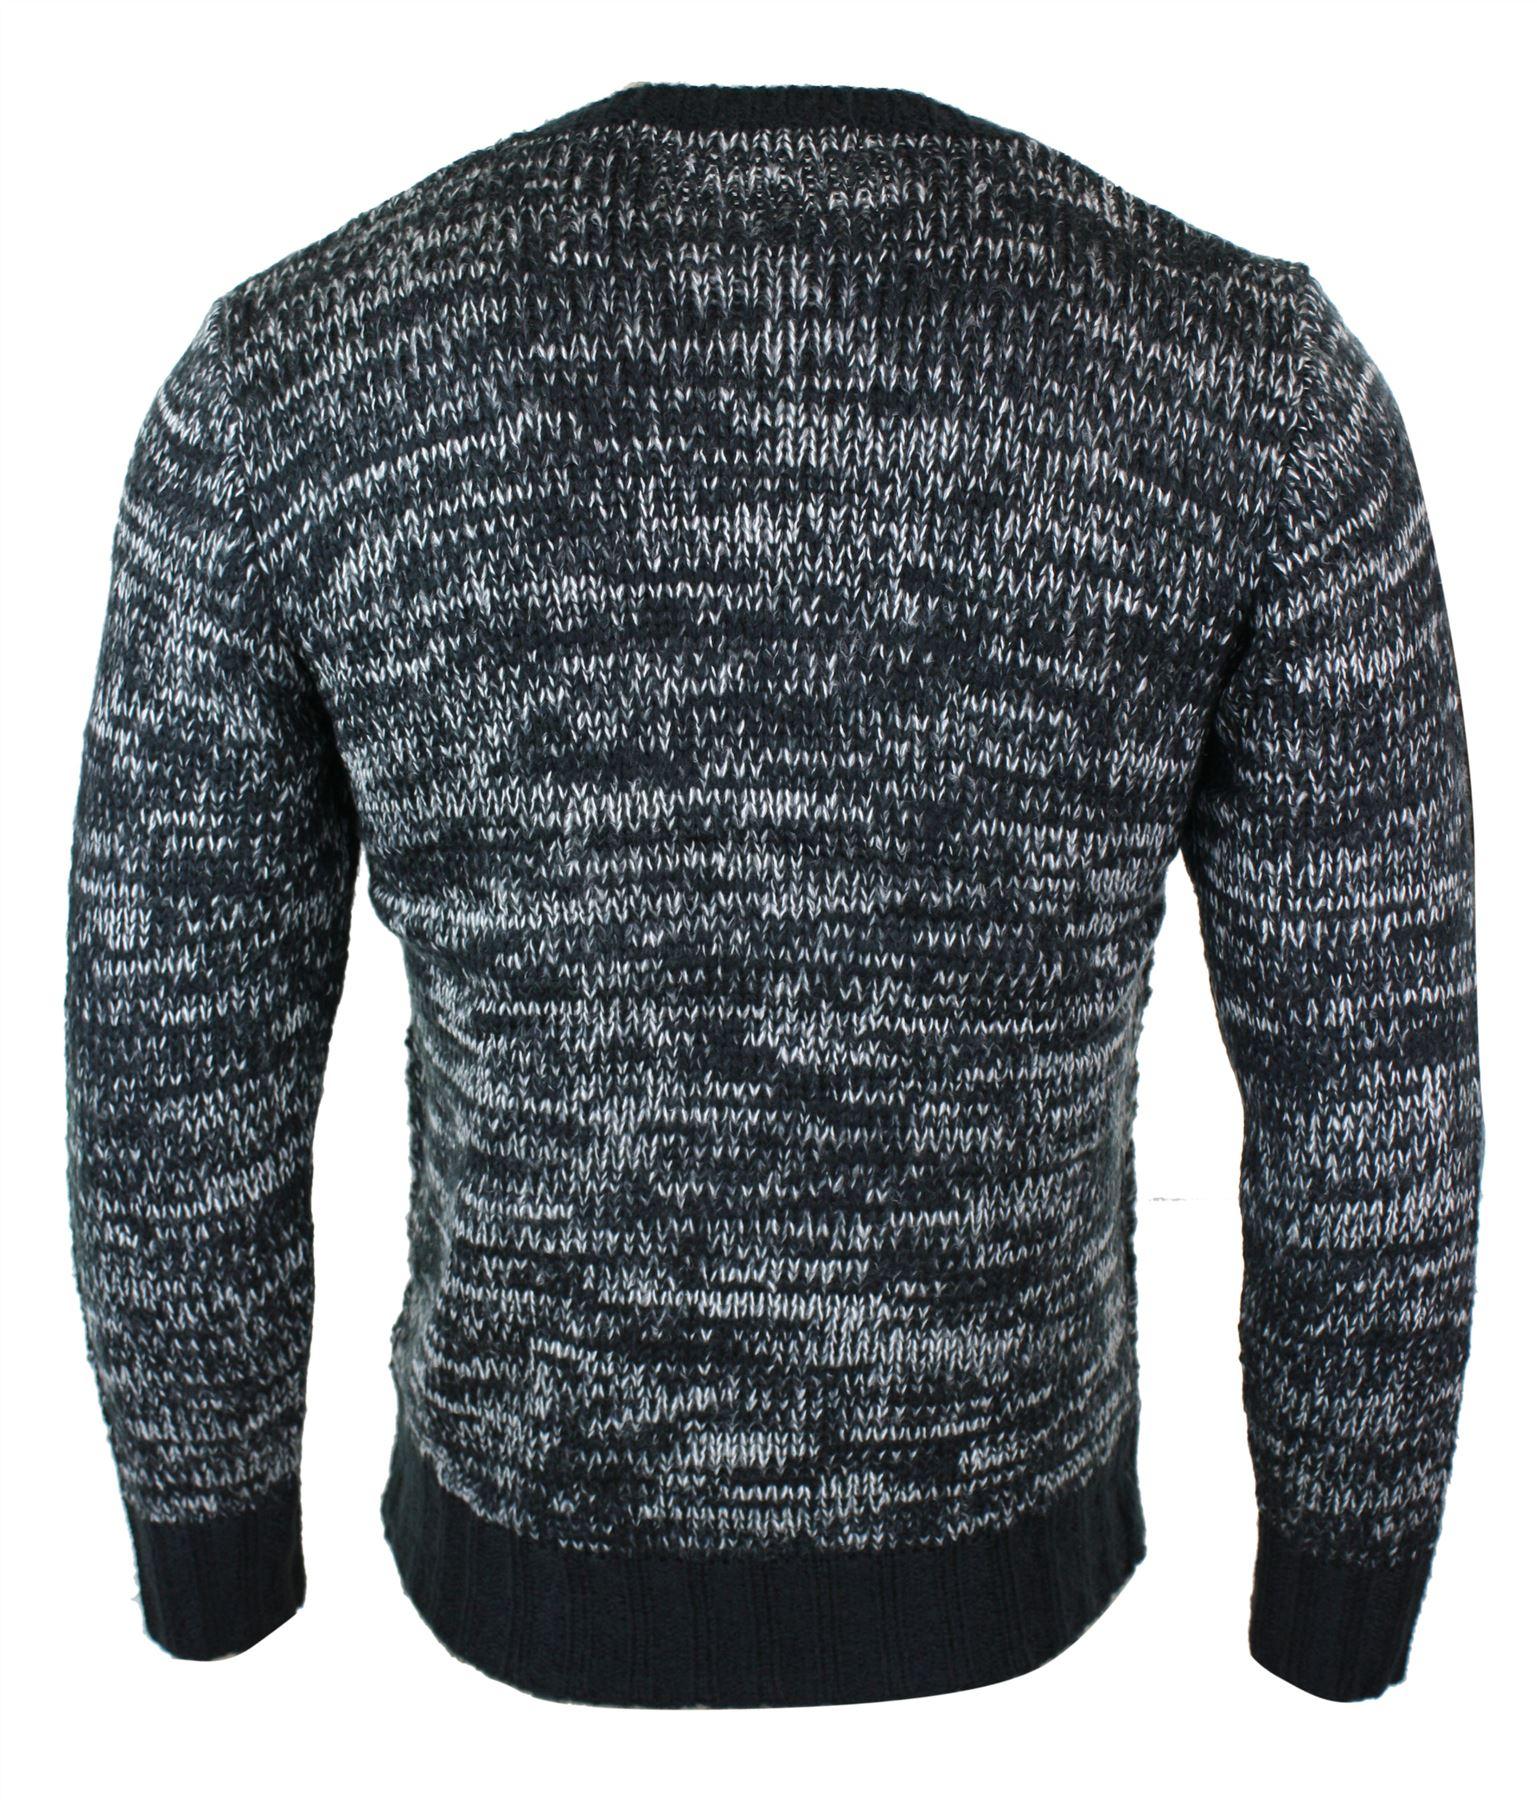 40a6361b6 Détails sur Pull homme laine mélangée tricot chic classique col rond chaud  pour l'hiver